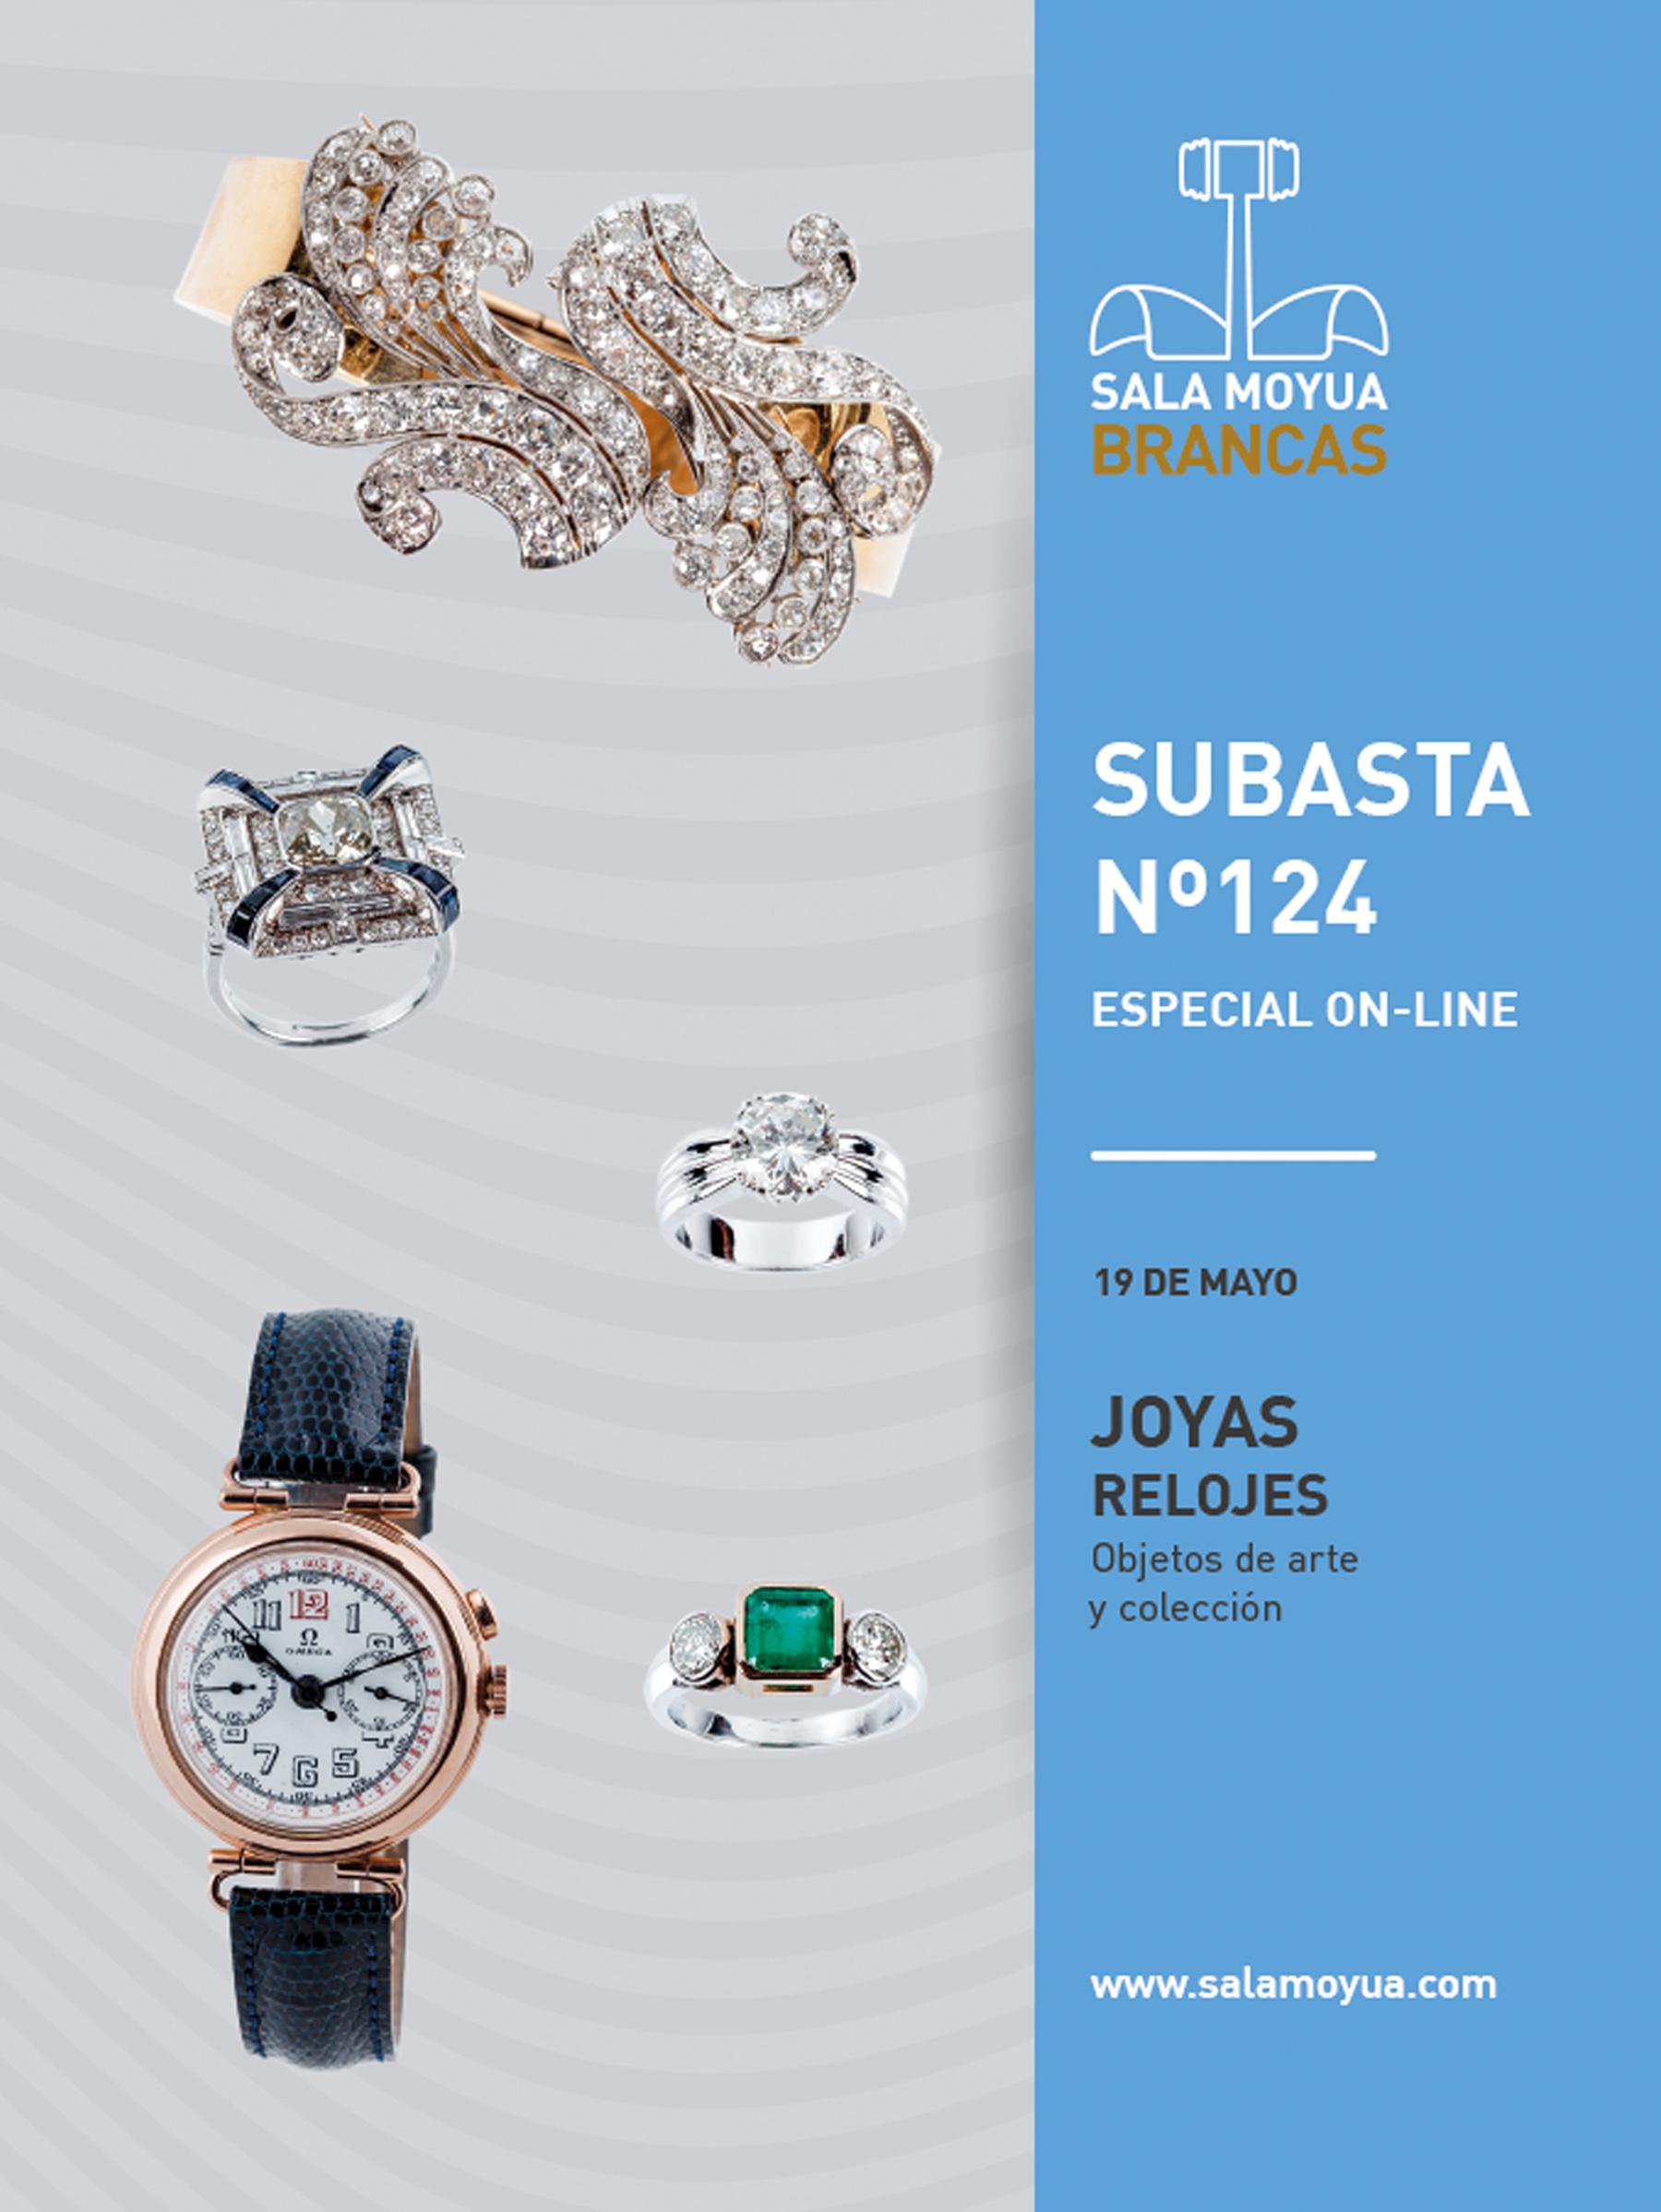 Auction Bijoux, Montres, Objets d'art et de collection at Sala Moyua Brancas : 648 lots